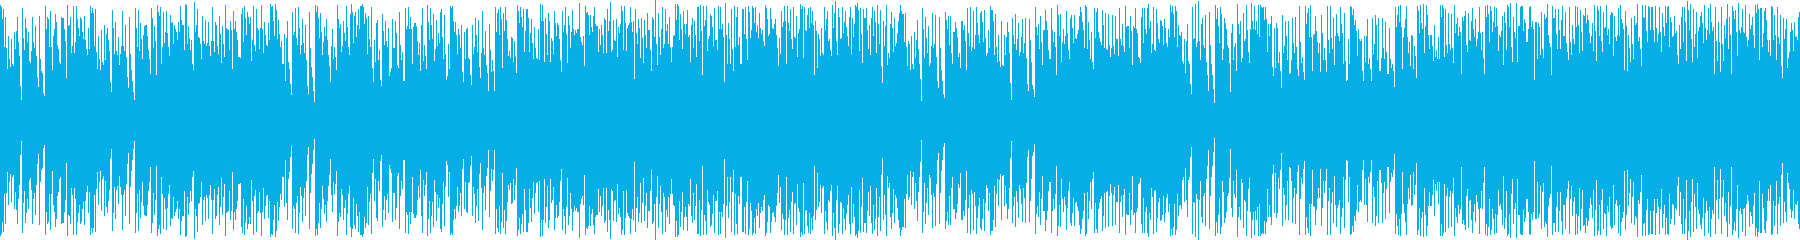 デジタルと生楽器を融合した日常的な曲の再生済みの波形